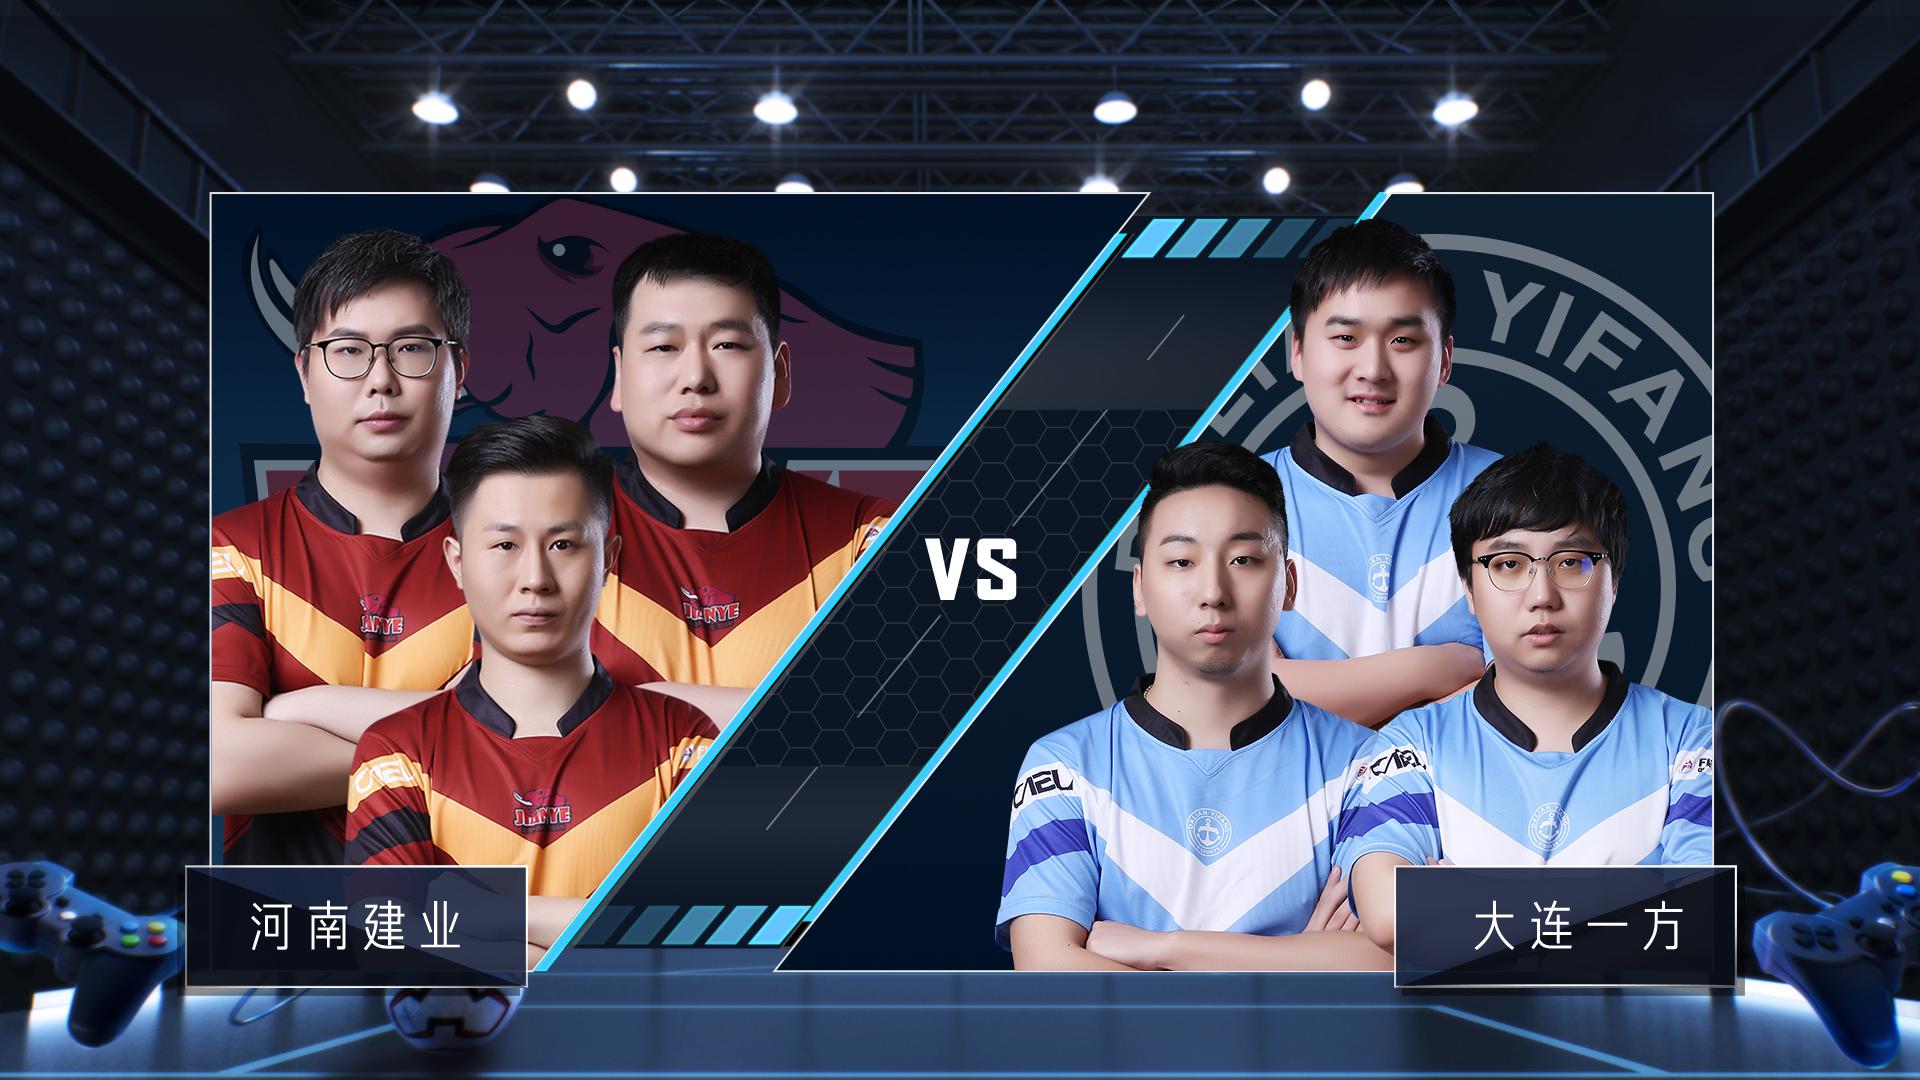 CEFL S3 10月6日 上海上港球迷 vs 贵州恒丰